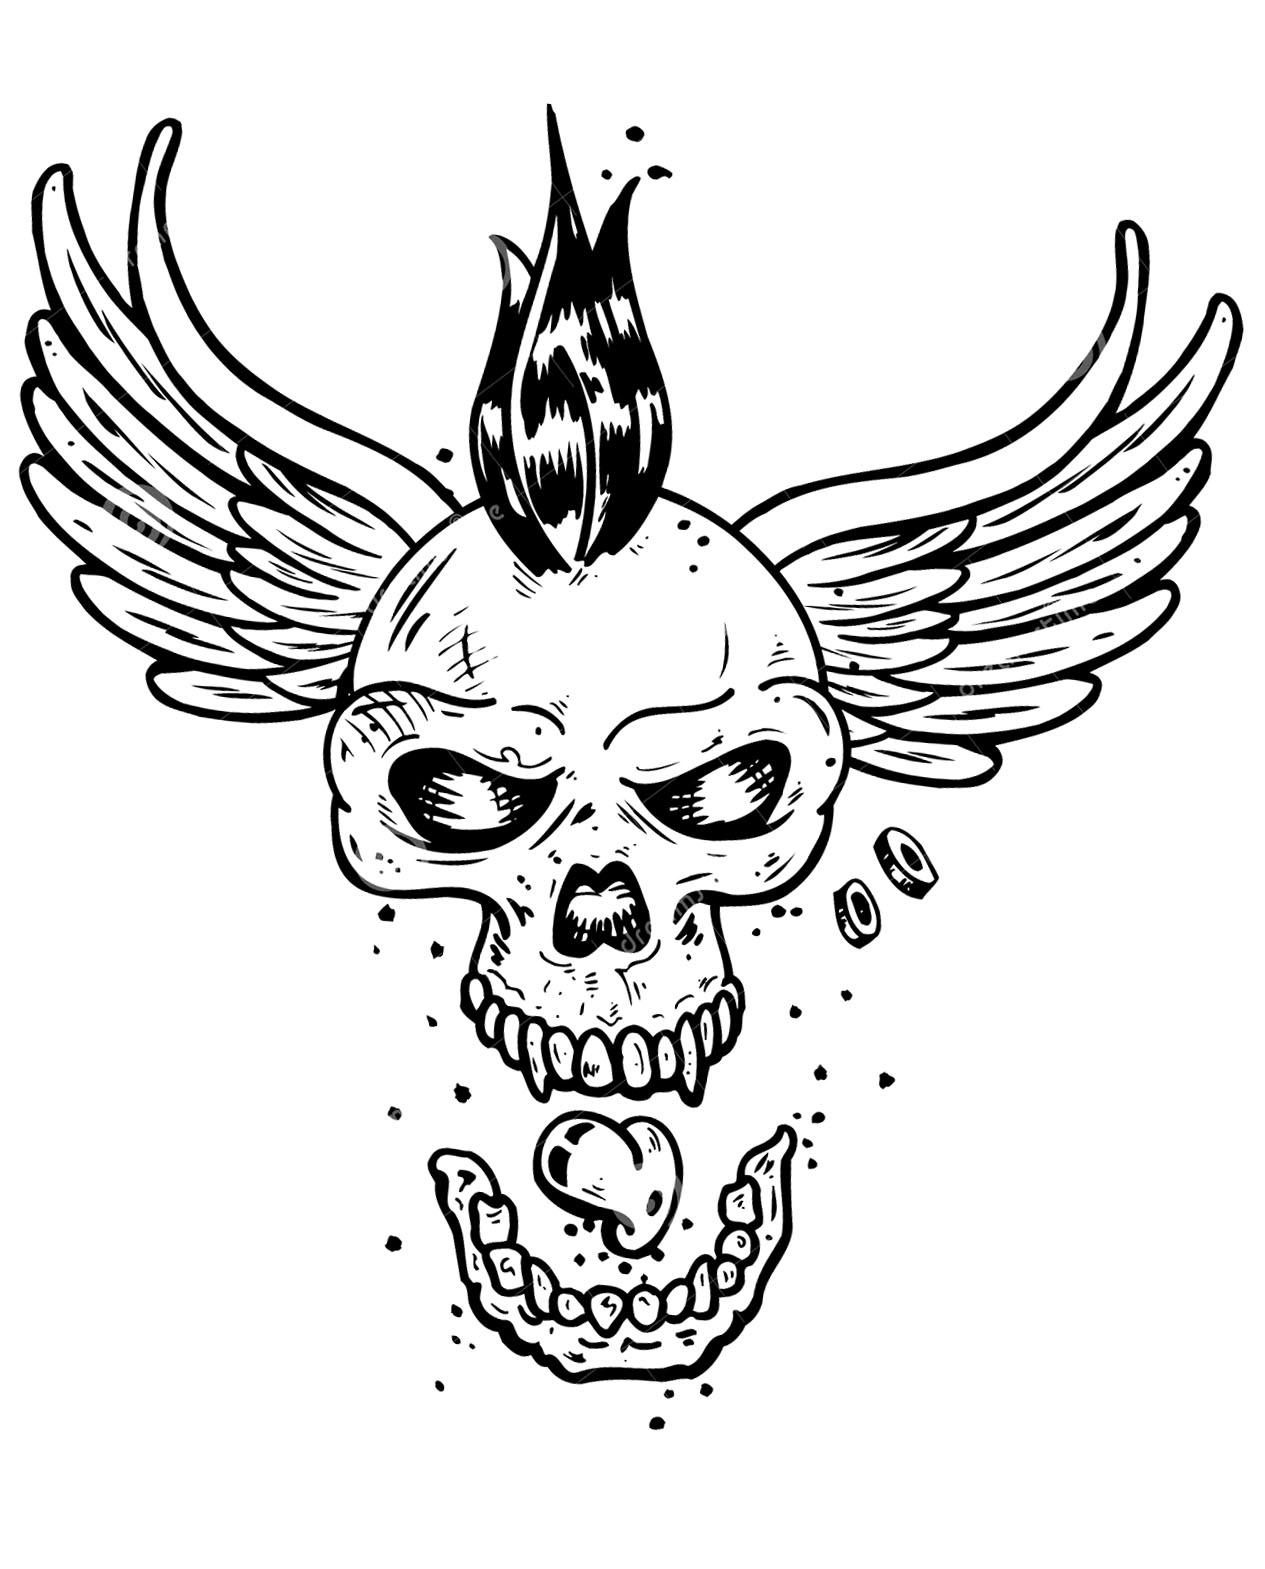 Tatouage crane squelette ailes tatouages coloriages difficiles pour adultes - Coloriage de crane ...